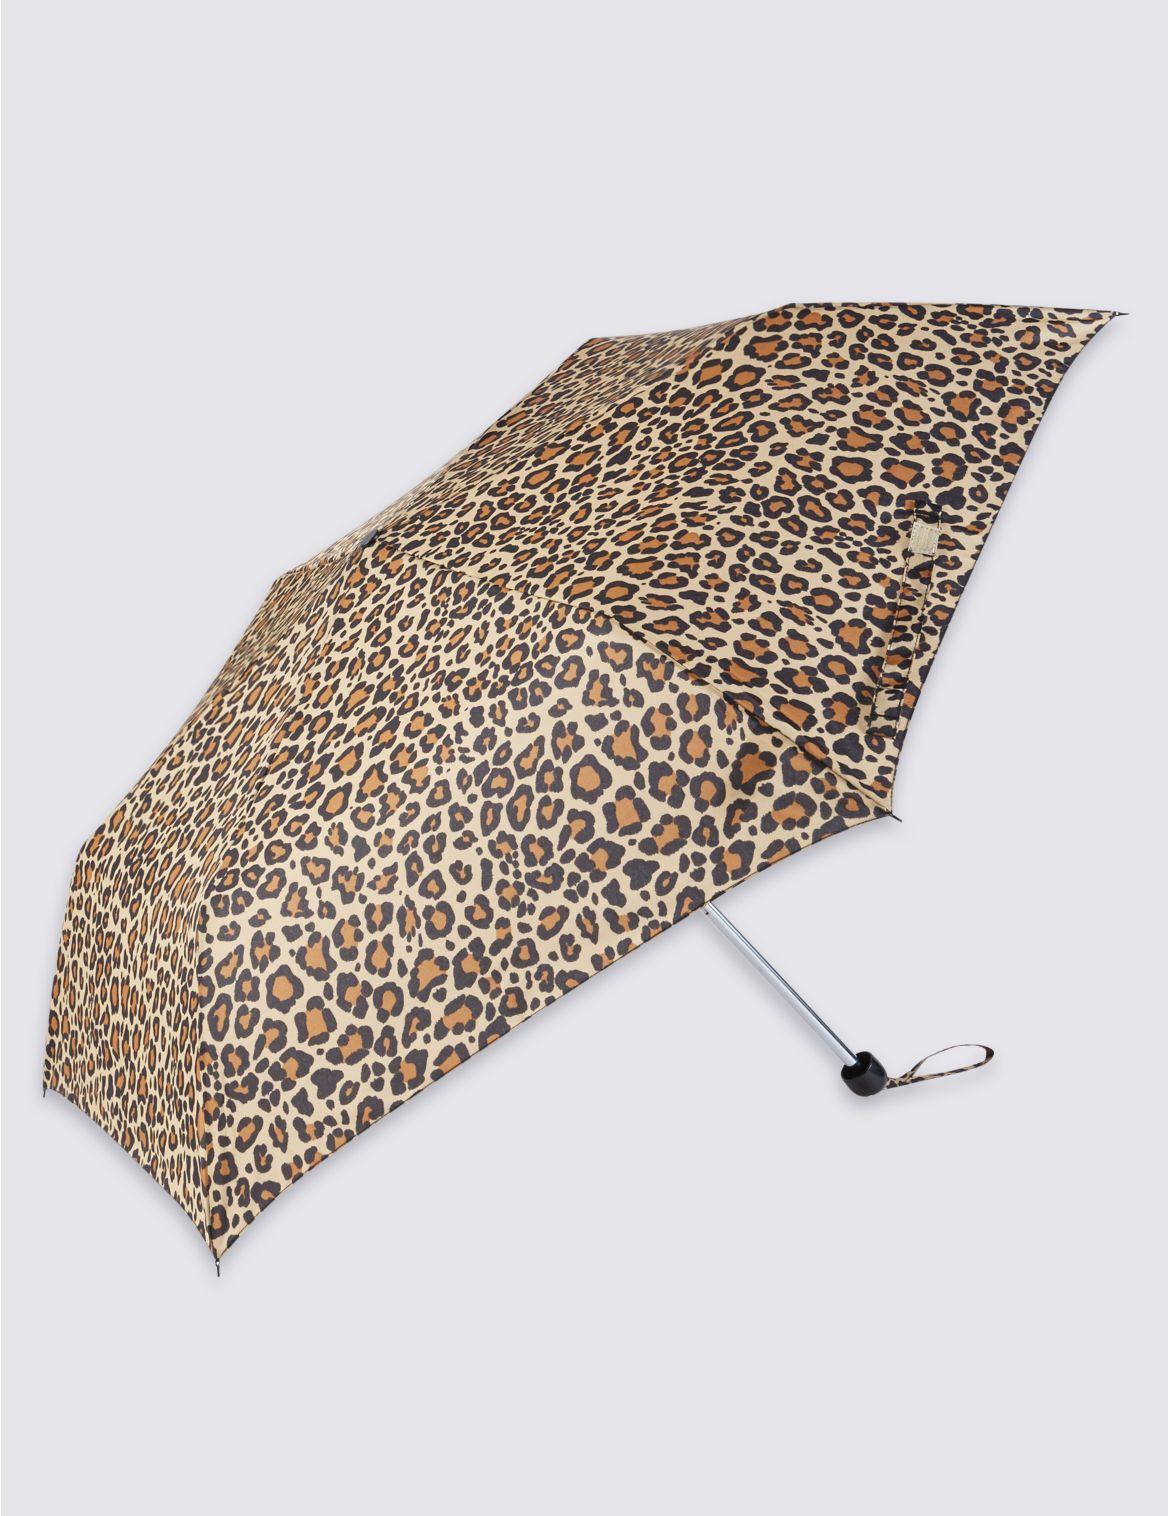 Parapluie compact à imprimé léopard, doté de la technologie Stormwear™